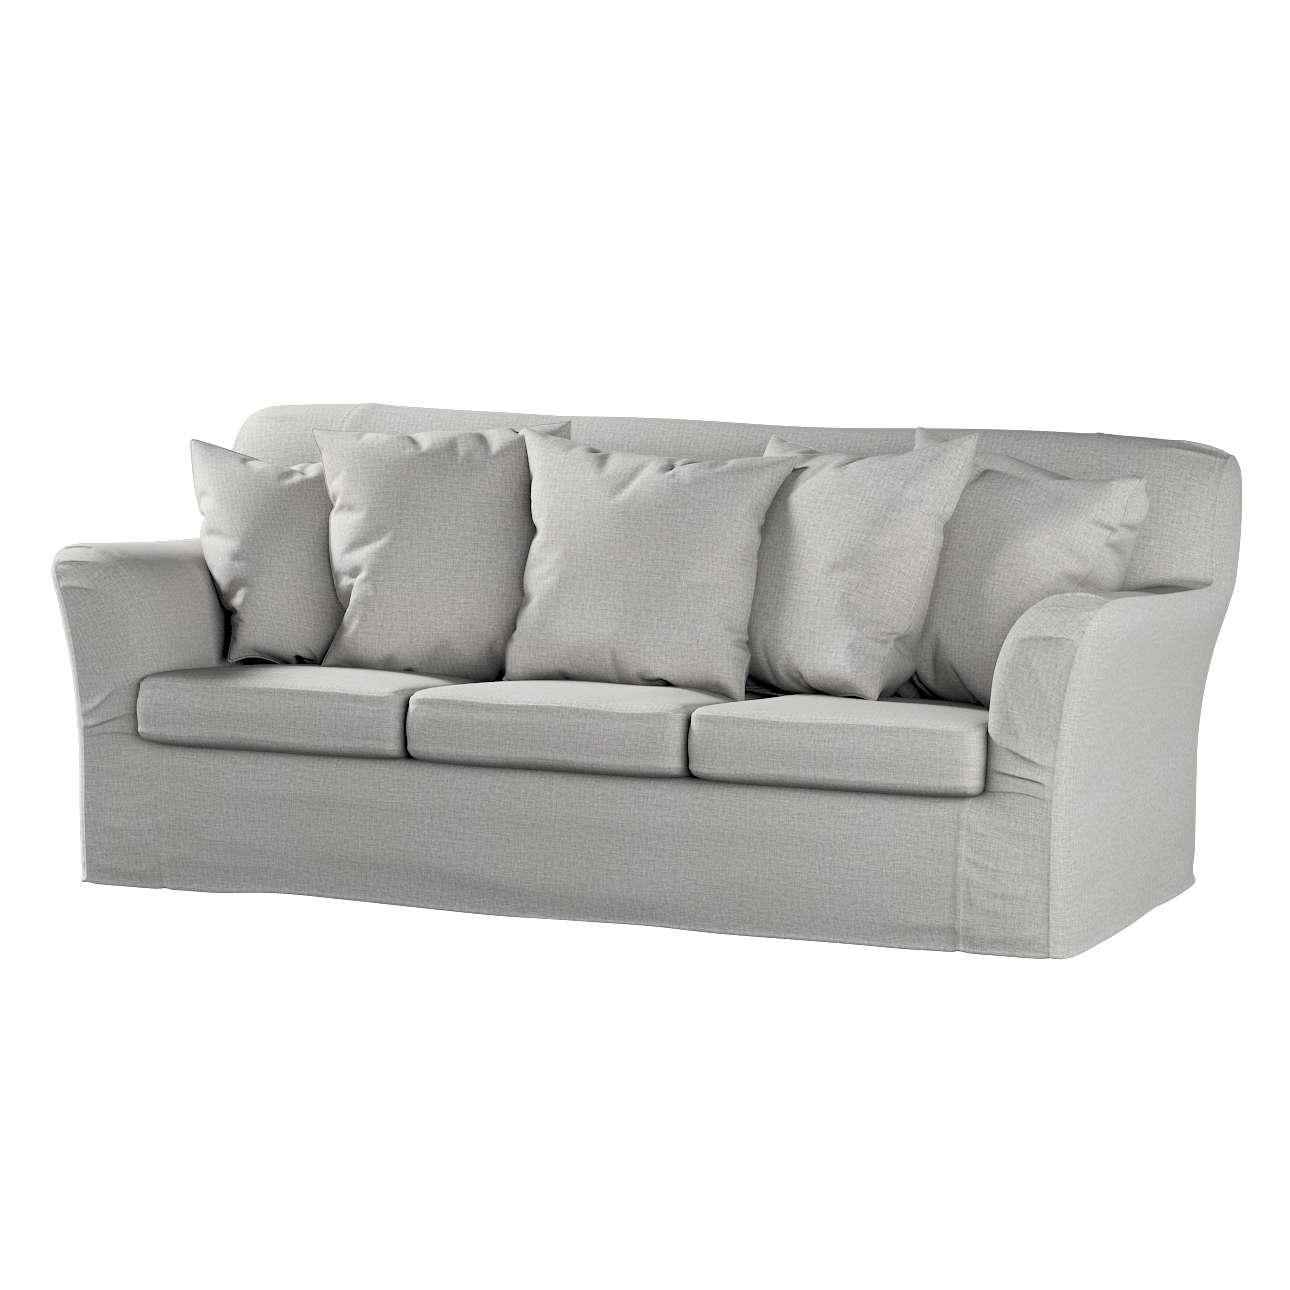 IKEA zitbankhoes overtrek voor Tomelilla 3 zitsbank